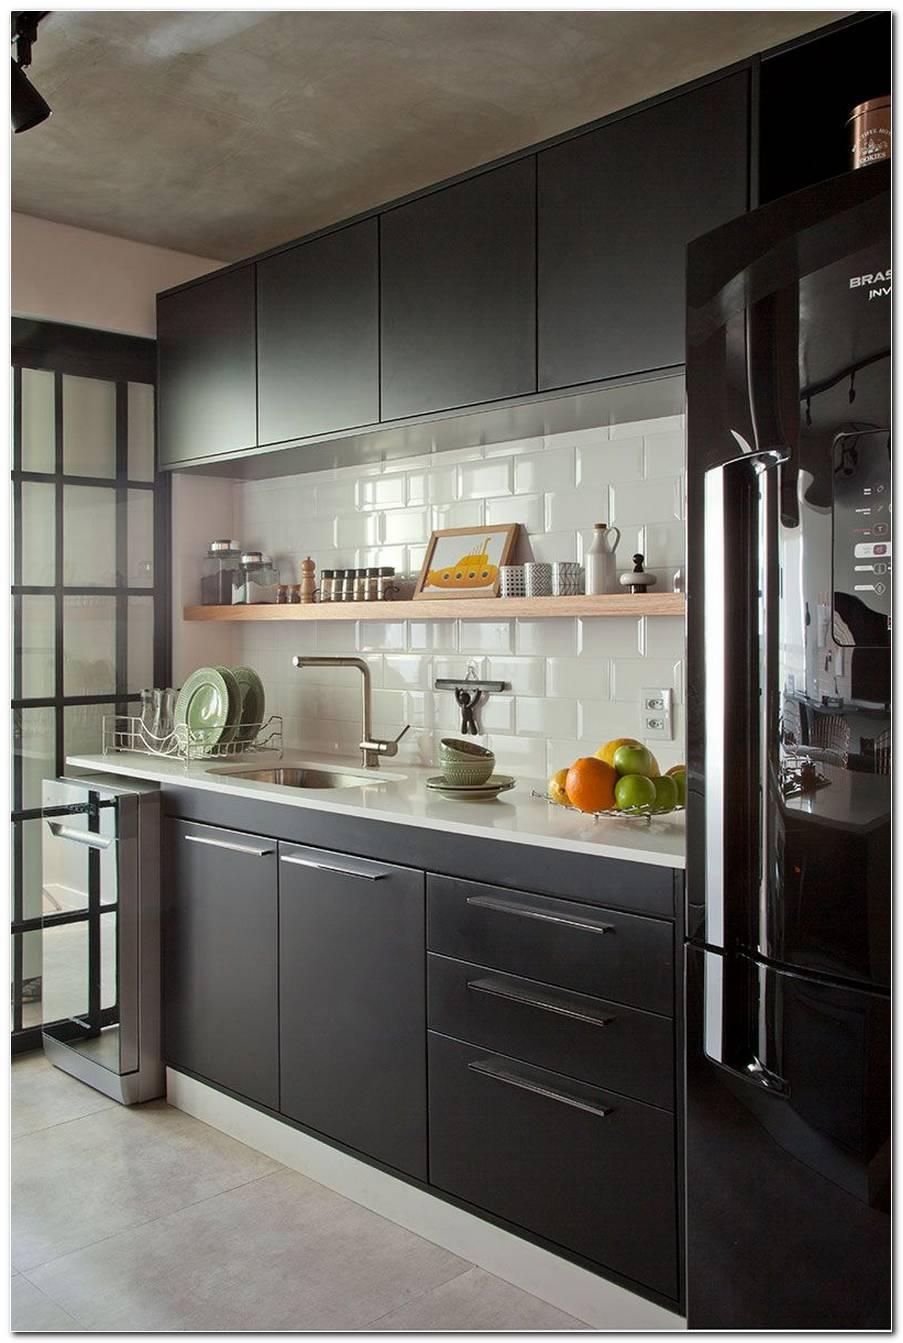 Cozinha Preta E Branca 45 Decorações Que Esbanjam Elegância